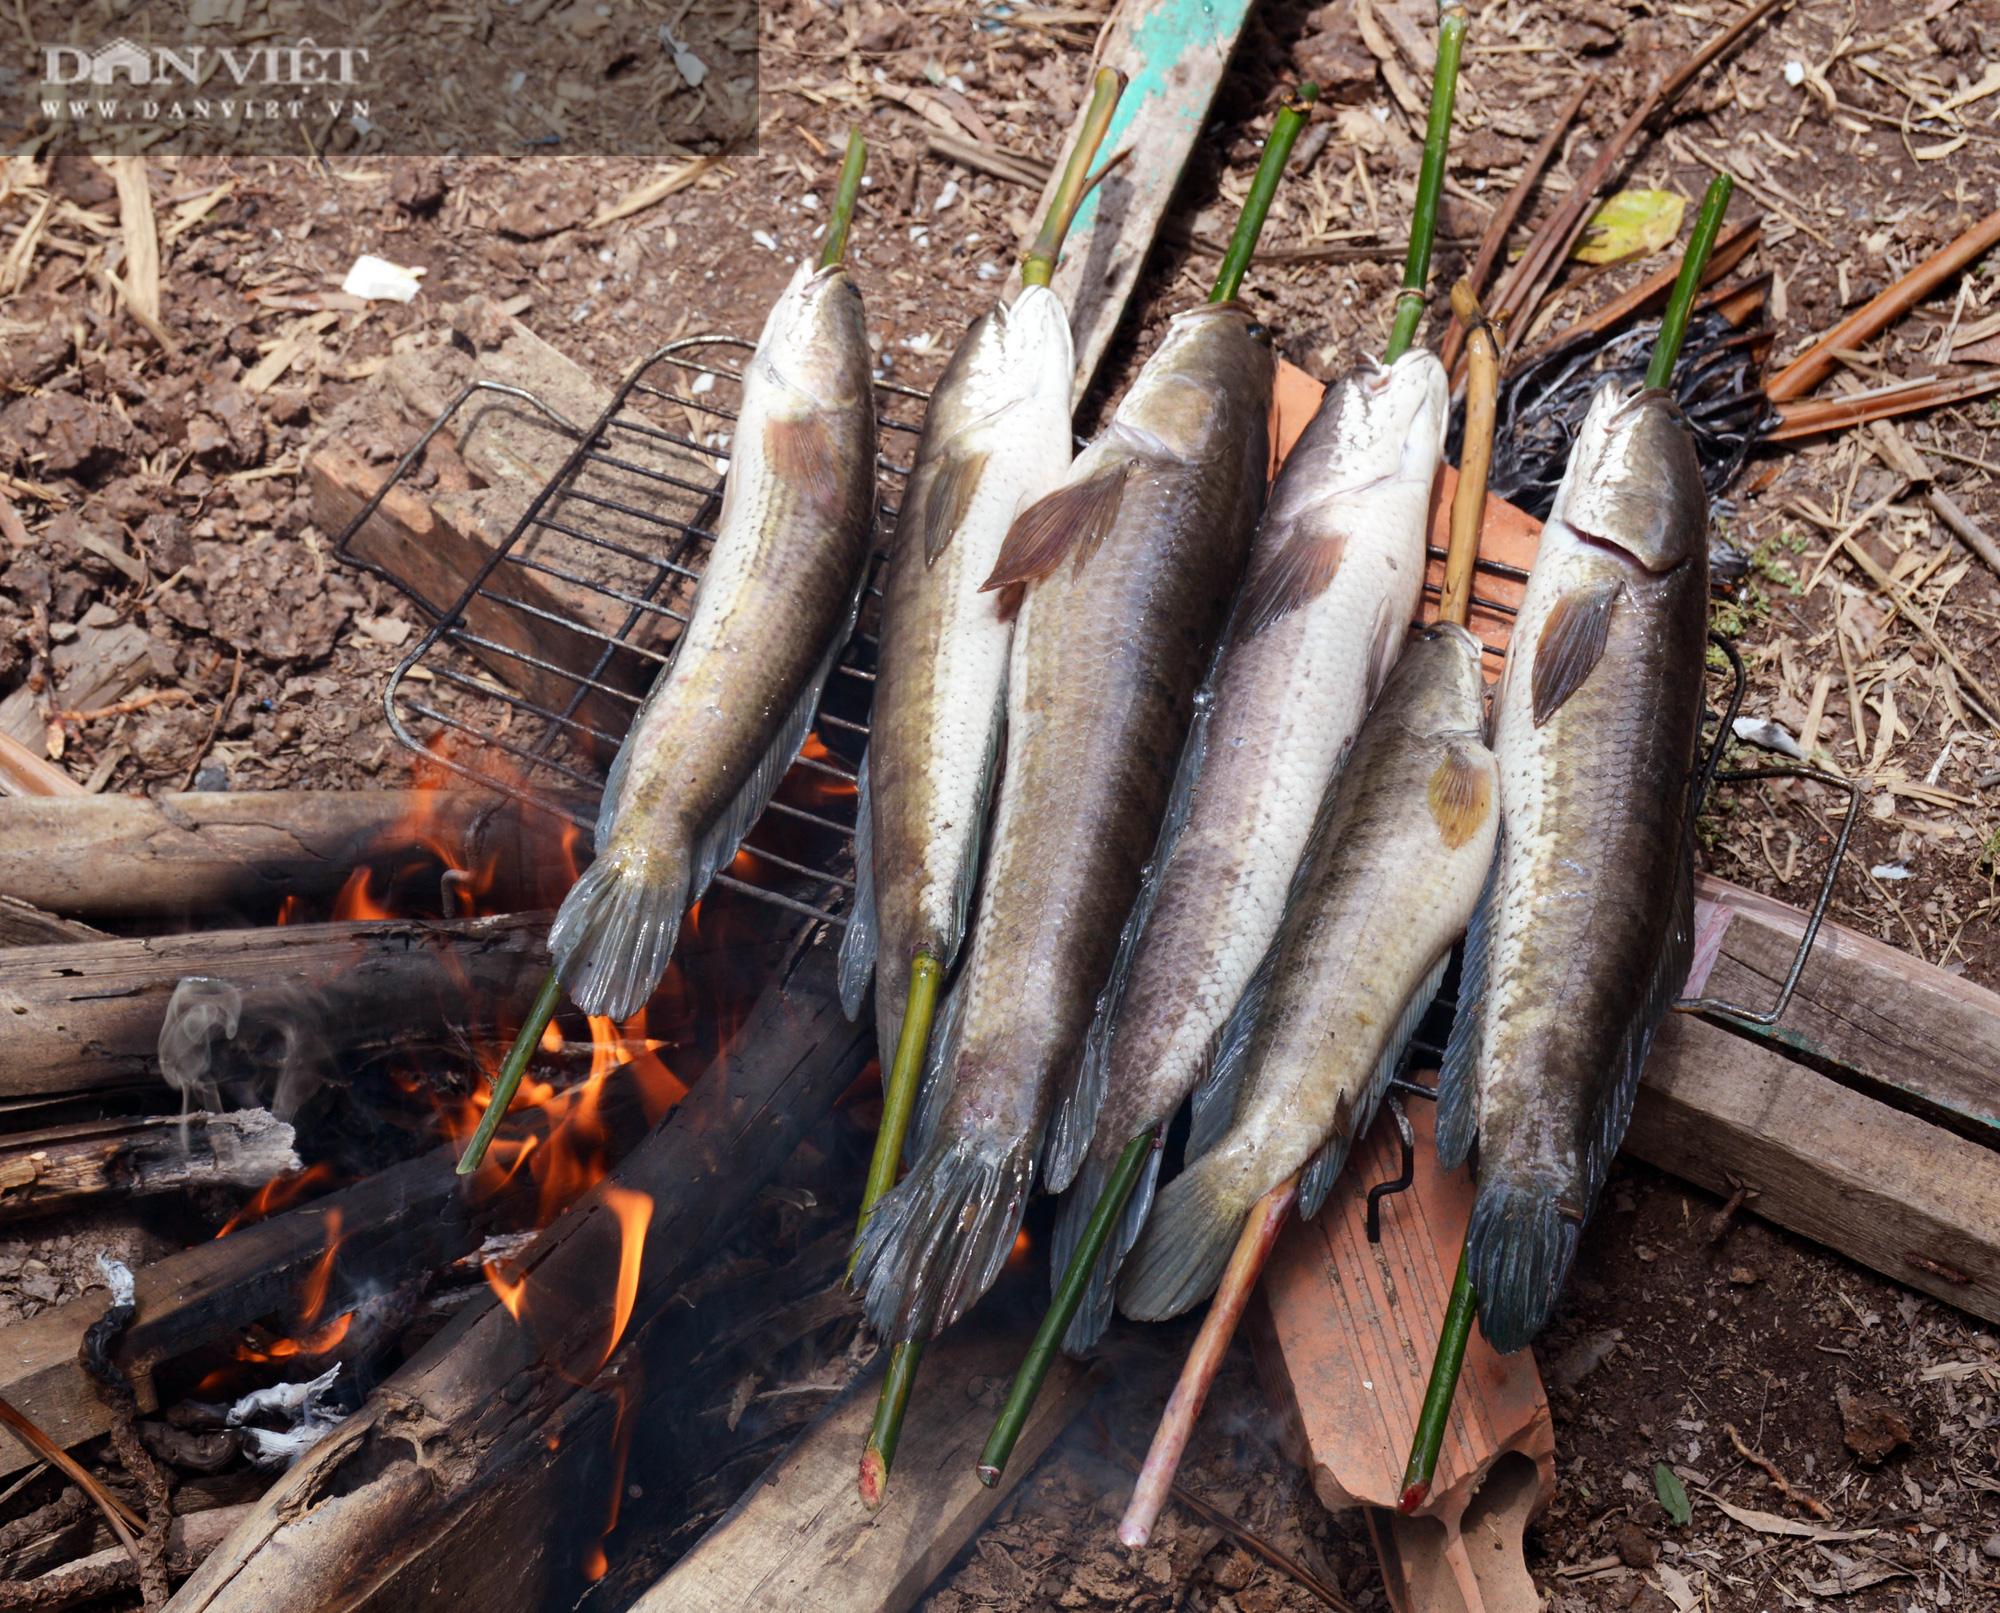 Về Cà Mau tát đìa bắt cá đồng to bự mang nướng than giữa đồng - Ảnh 18.